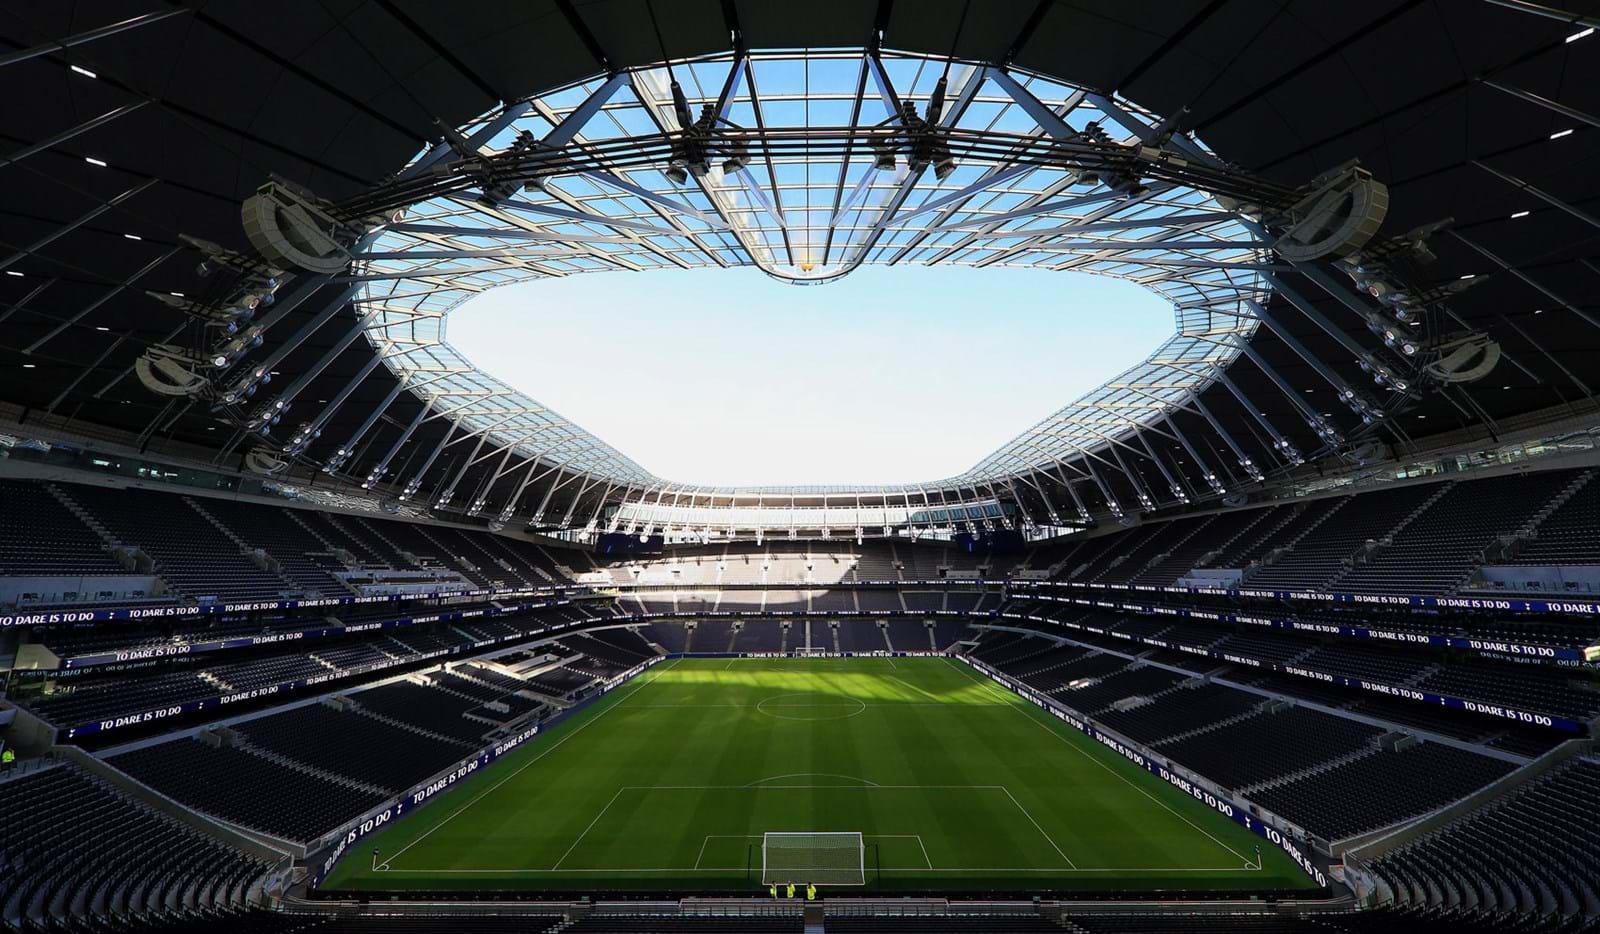 بالاخره پایان انتظارها در مورد استادیوم جدید تاتنهام (عکس) - 10